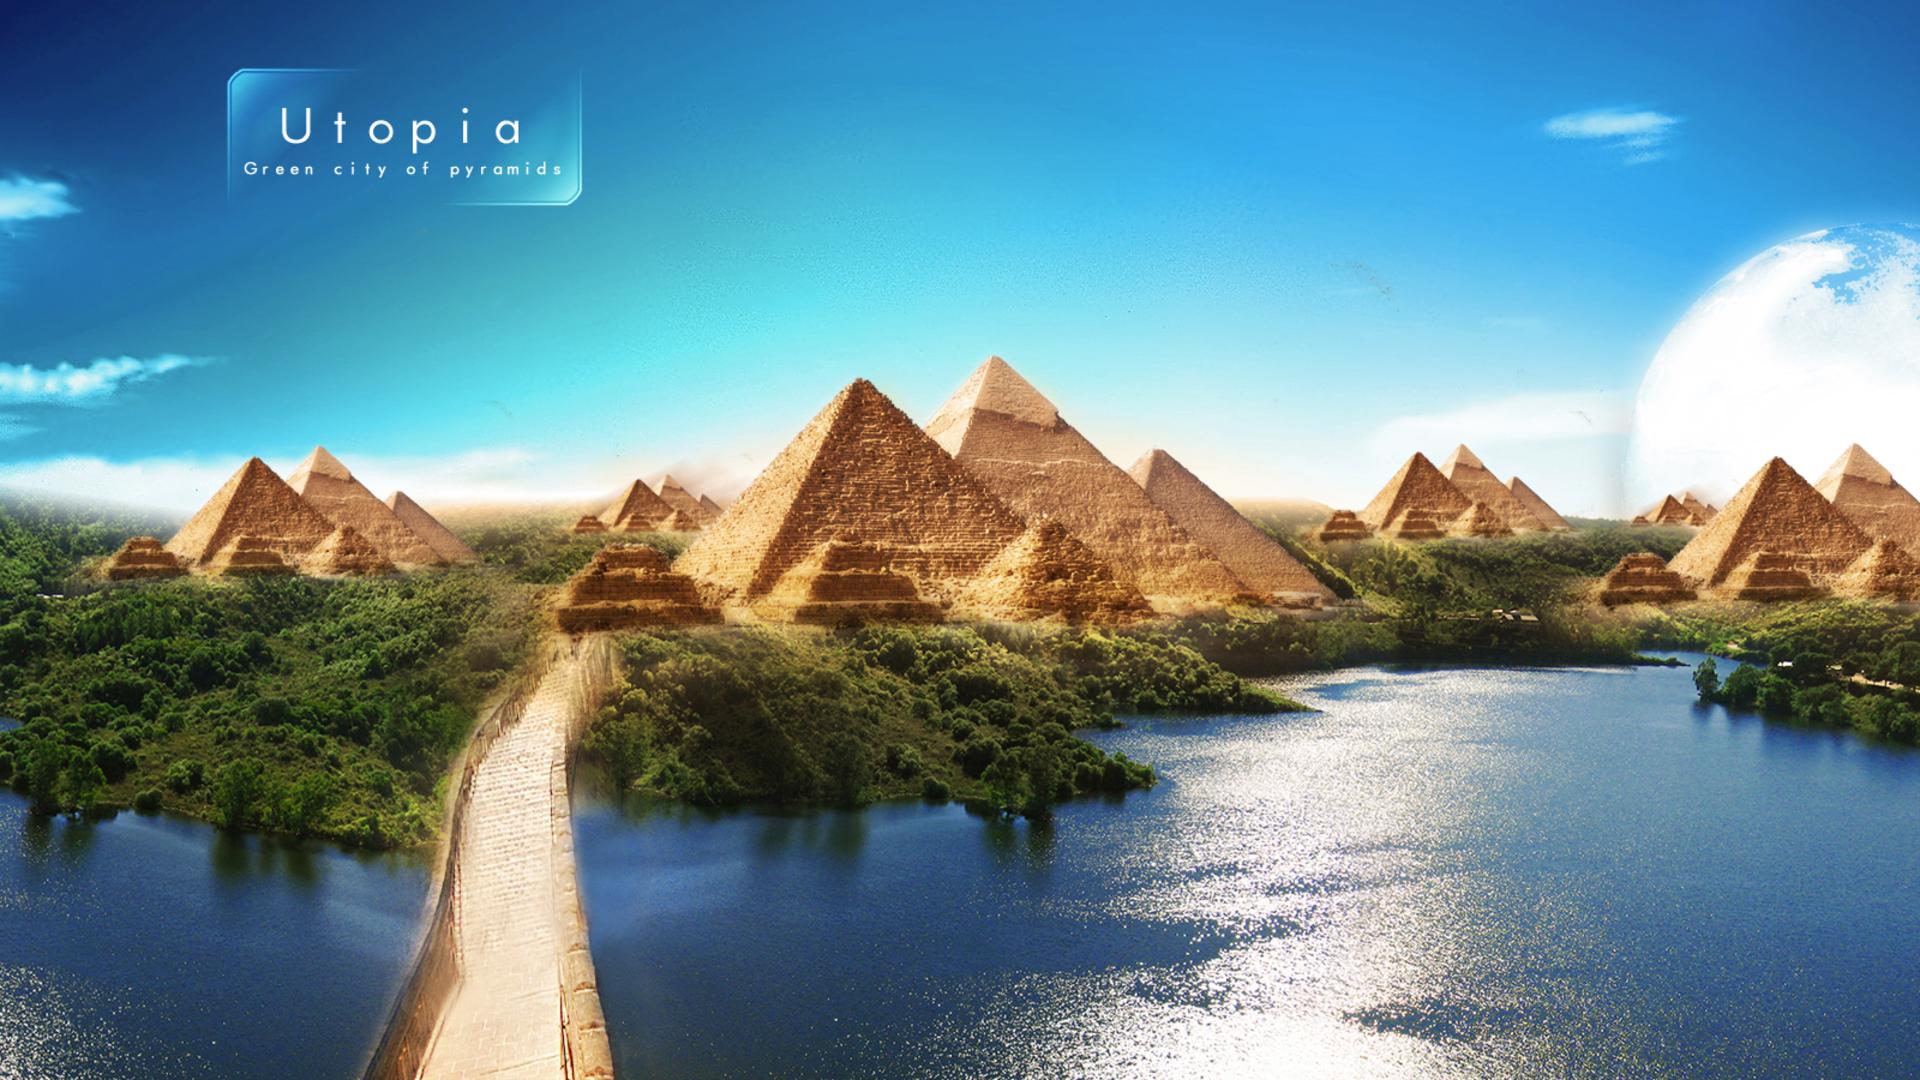 1920x1080 Pyramids Of Utpoia Beautiful Scenery Laptop Full Hd 1080p